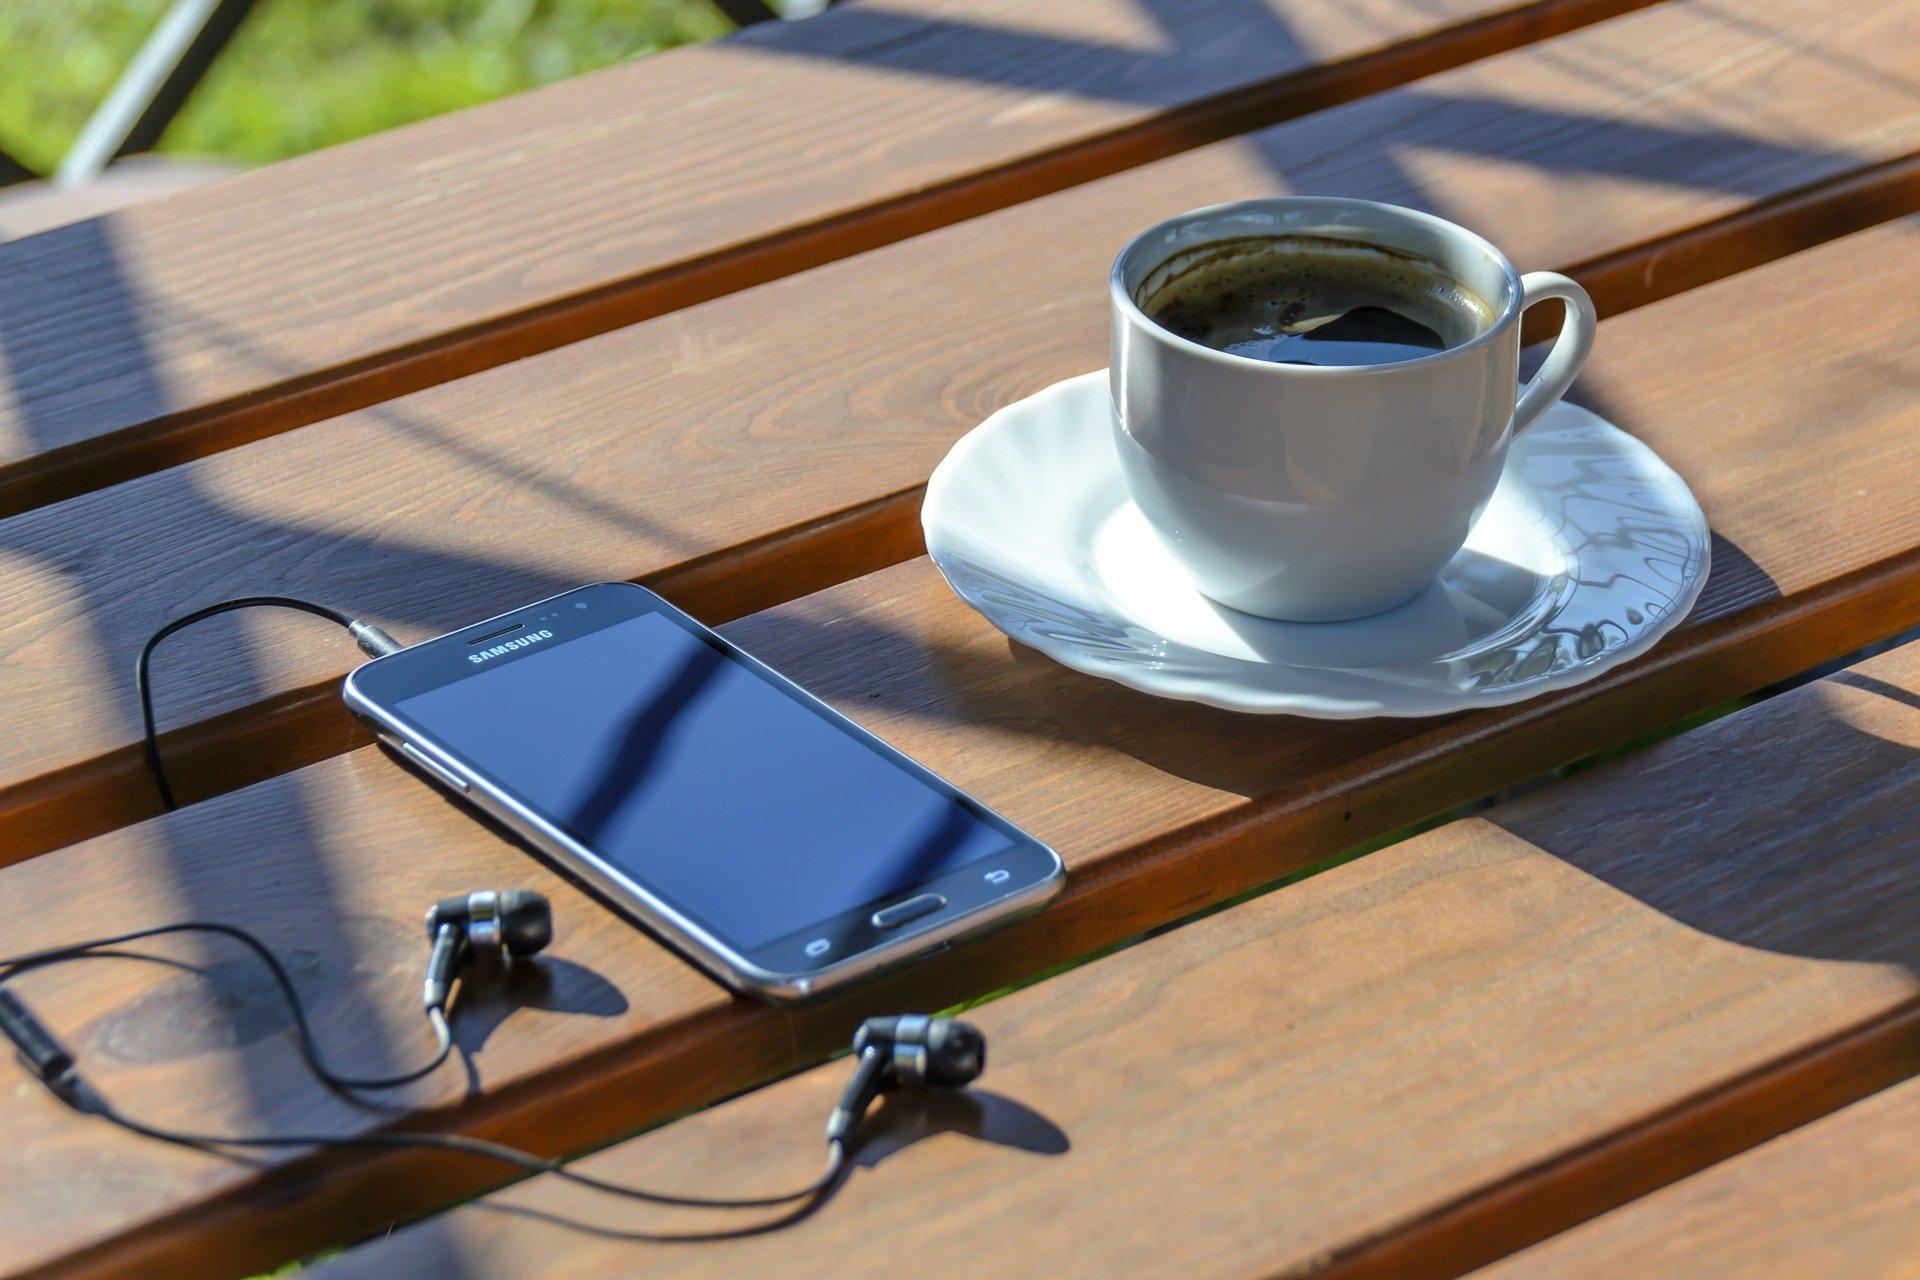 odnowione smartfony